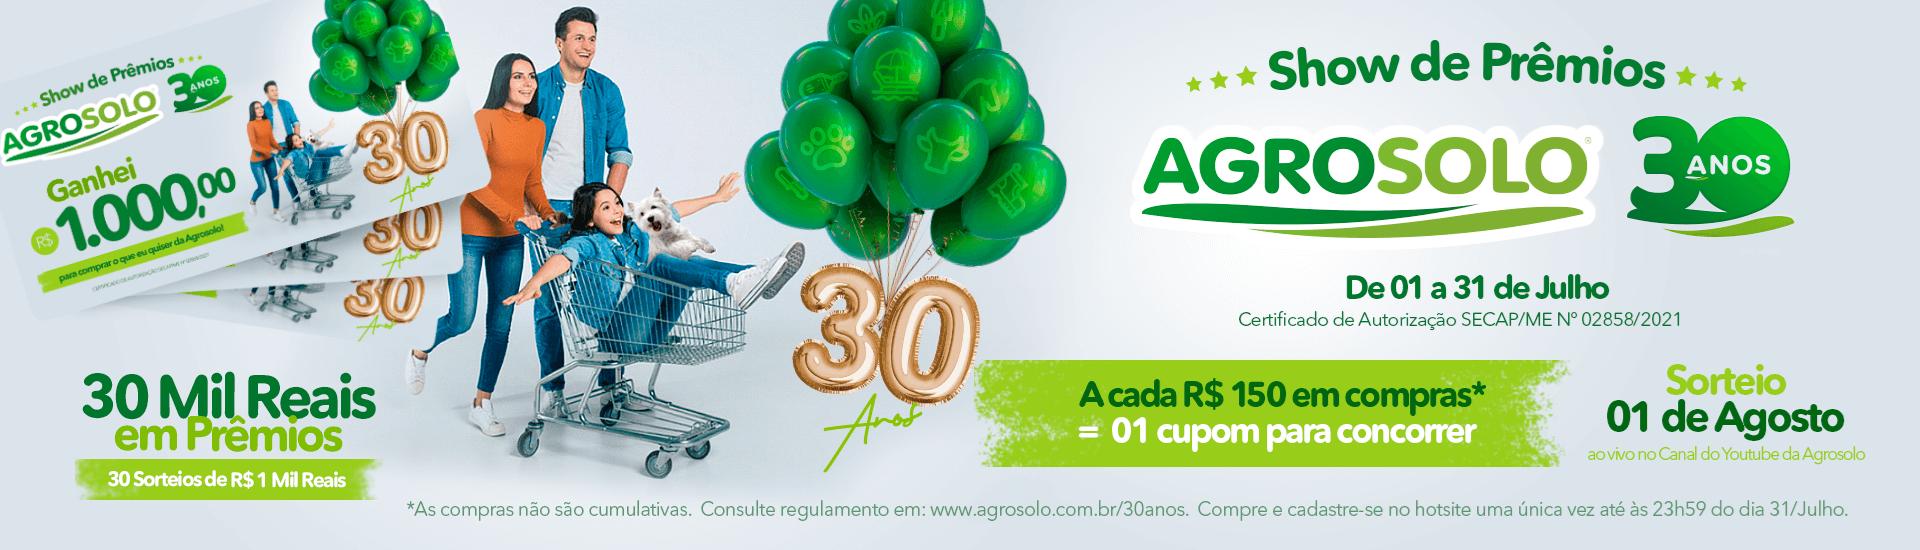 Show de Prêmios Agrosolo 30 anos